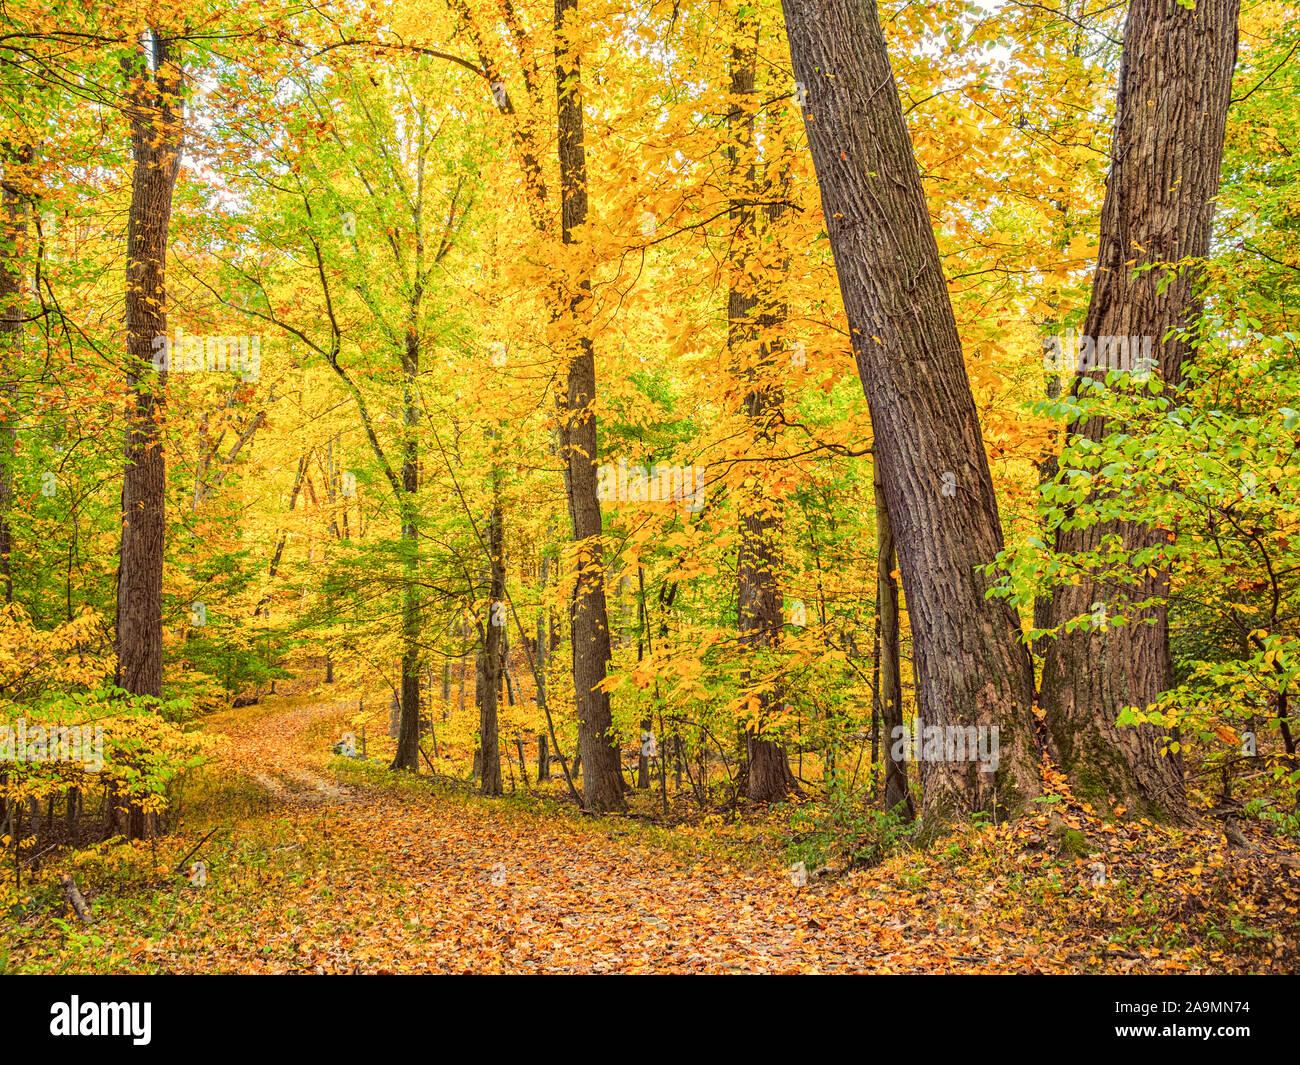 Costa est Autunno a colori. Il giallo oro Foglie di autunno tappeto un sentiero escursionistico in Westchester County New York, Rockefeller parco dello stato preservare, Pleasanville Foto Stock